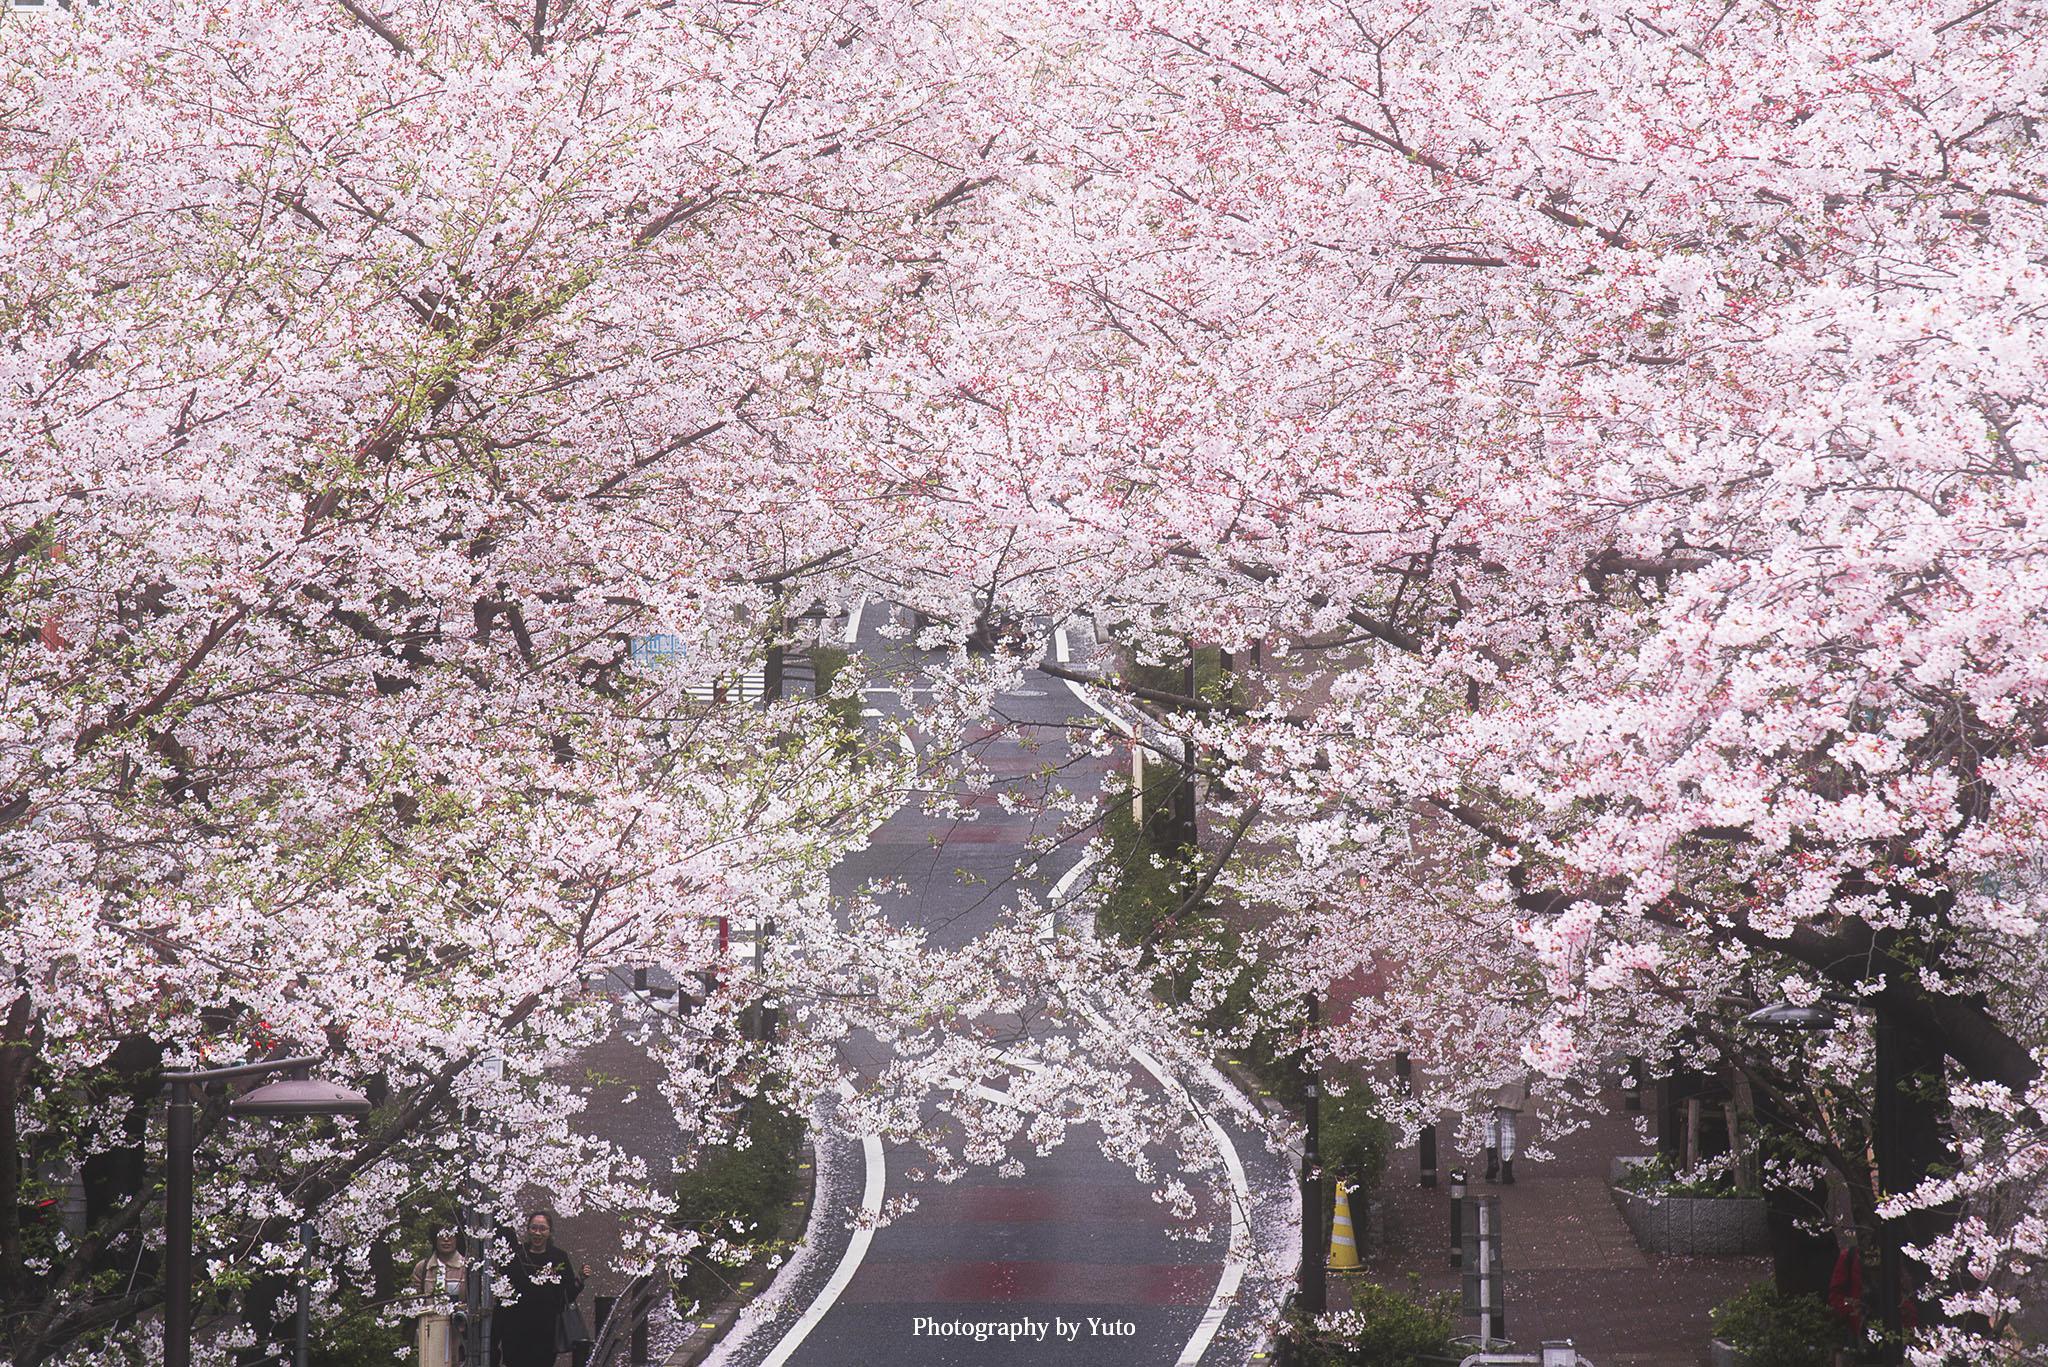 東京の桜 桜坂 渋谷駅近くにある隠れた桜名所